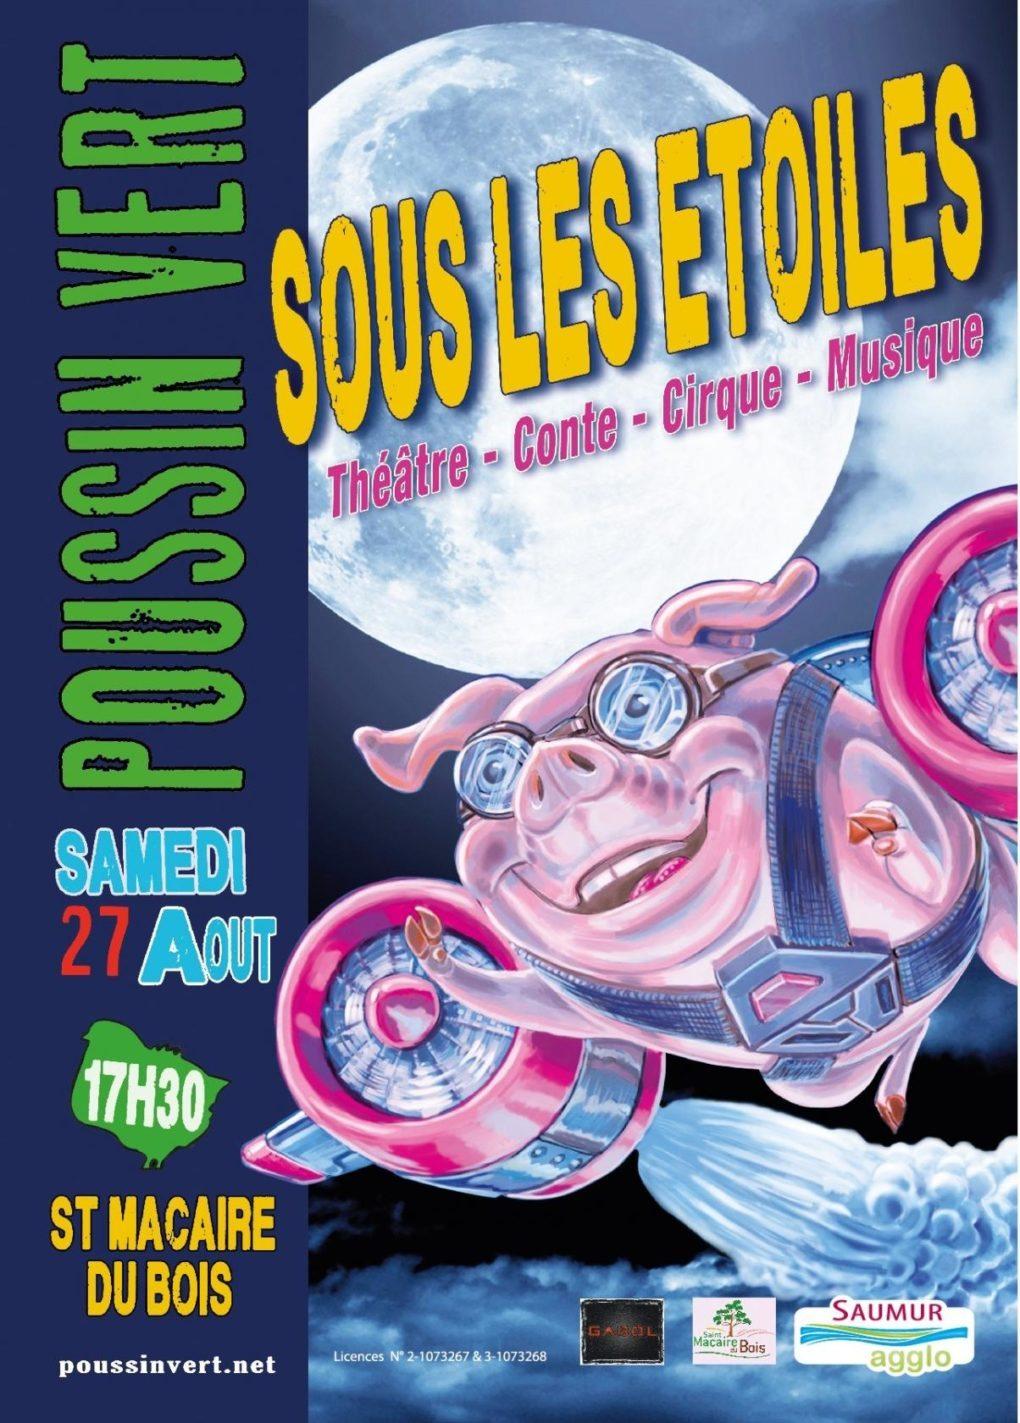 Poussin-Vert Festival de spectacles et de musique Saint-Macaire-du-Bois